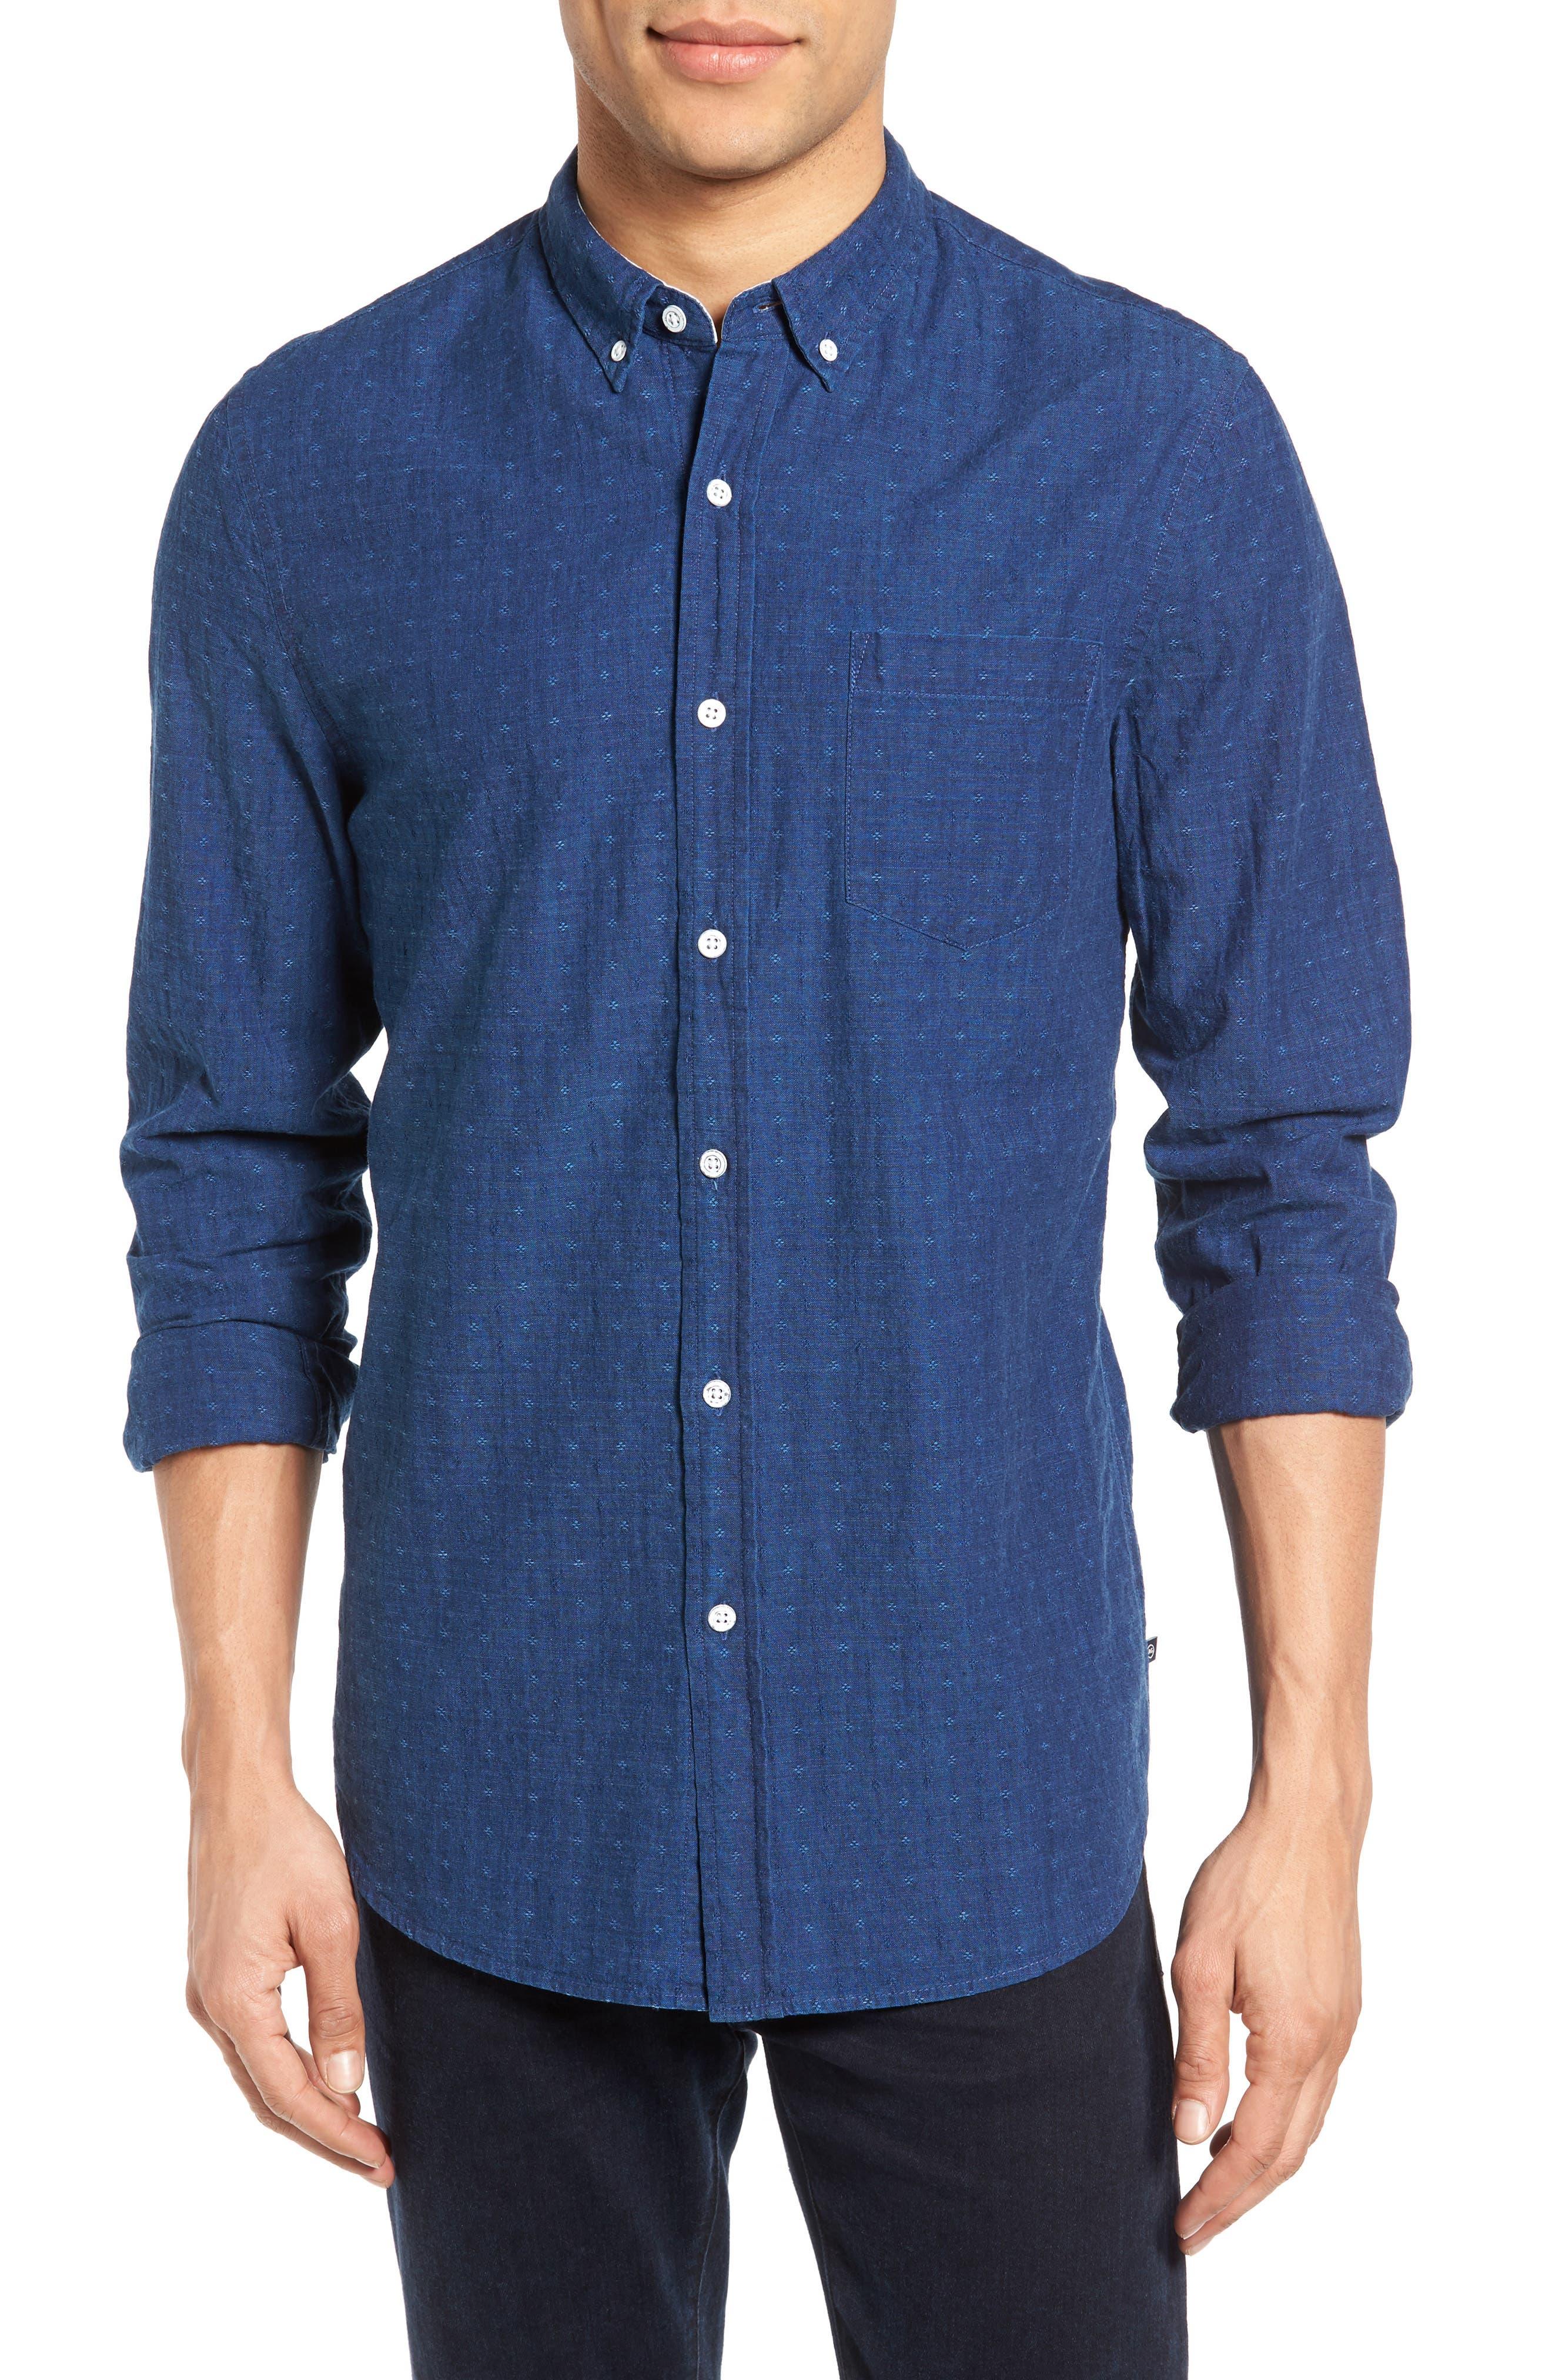 Grady Trim Fit Jacquard Sport Shirt,                         Main,                         color, Washed Indigo